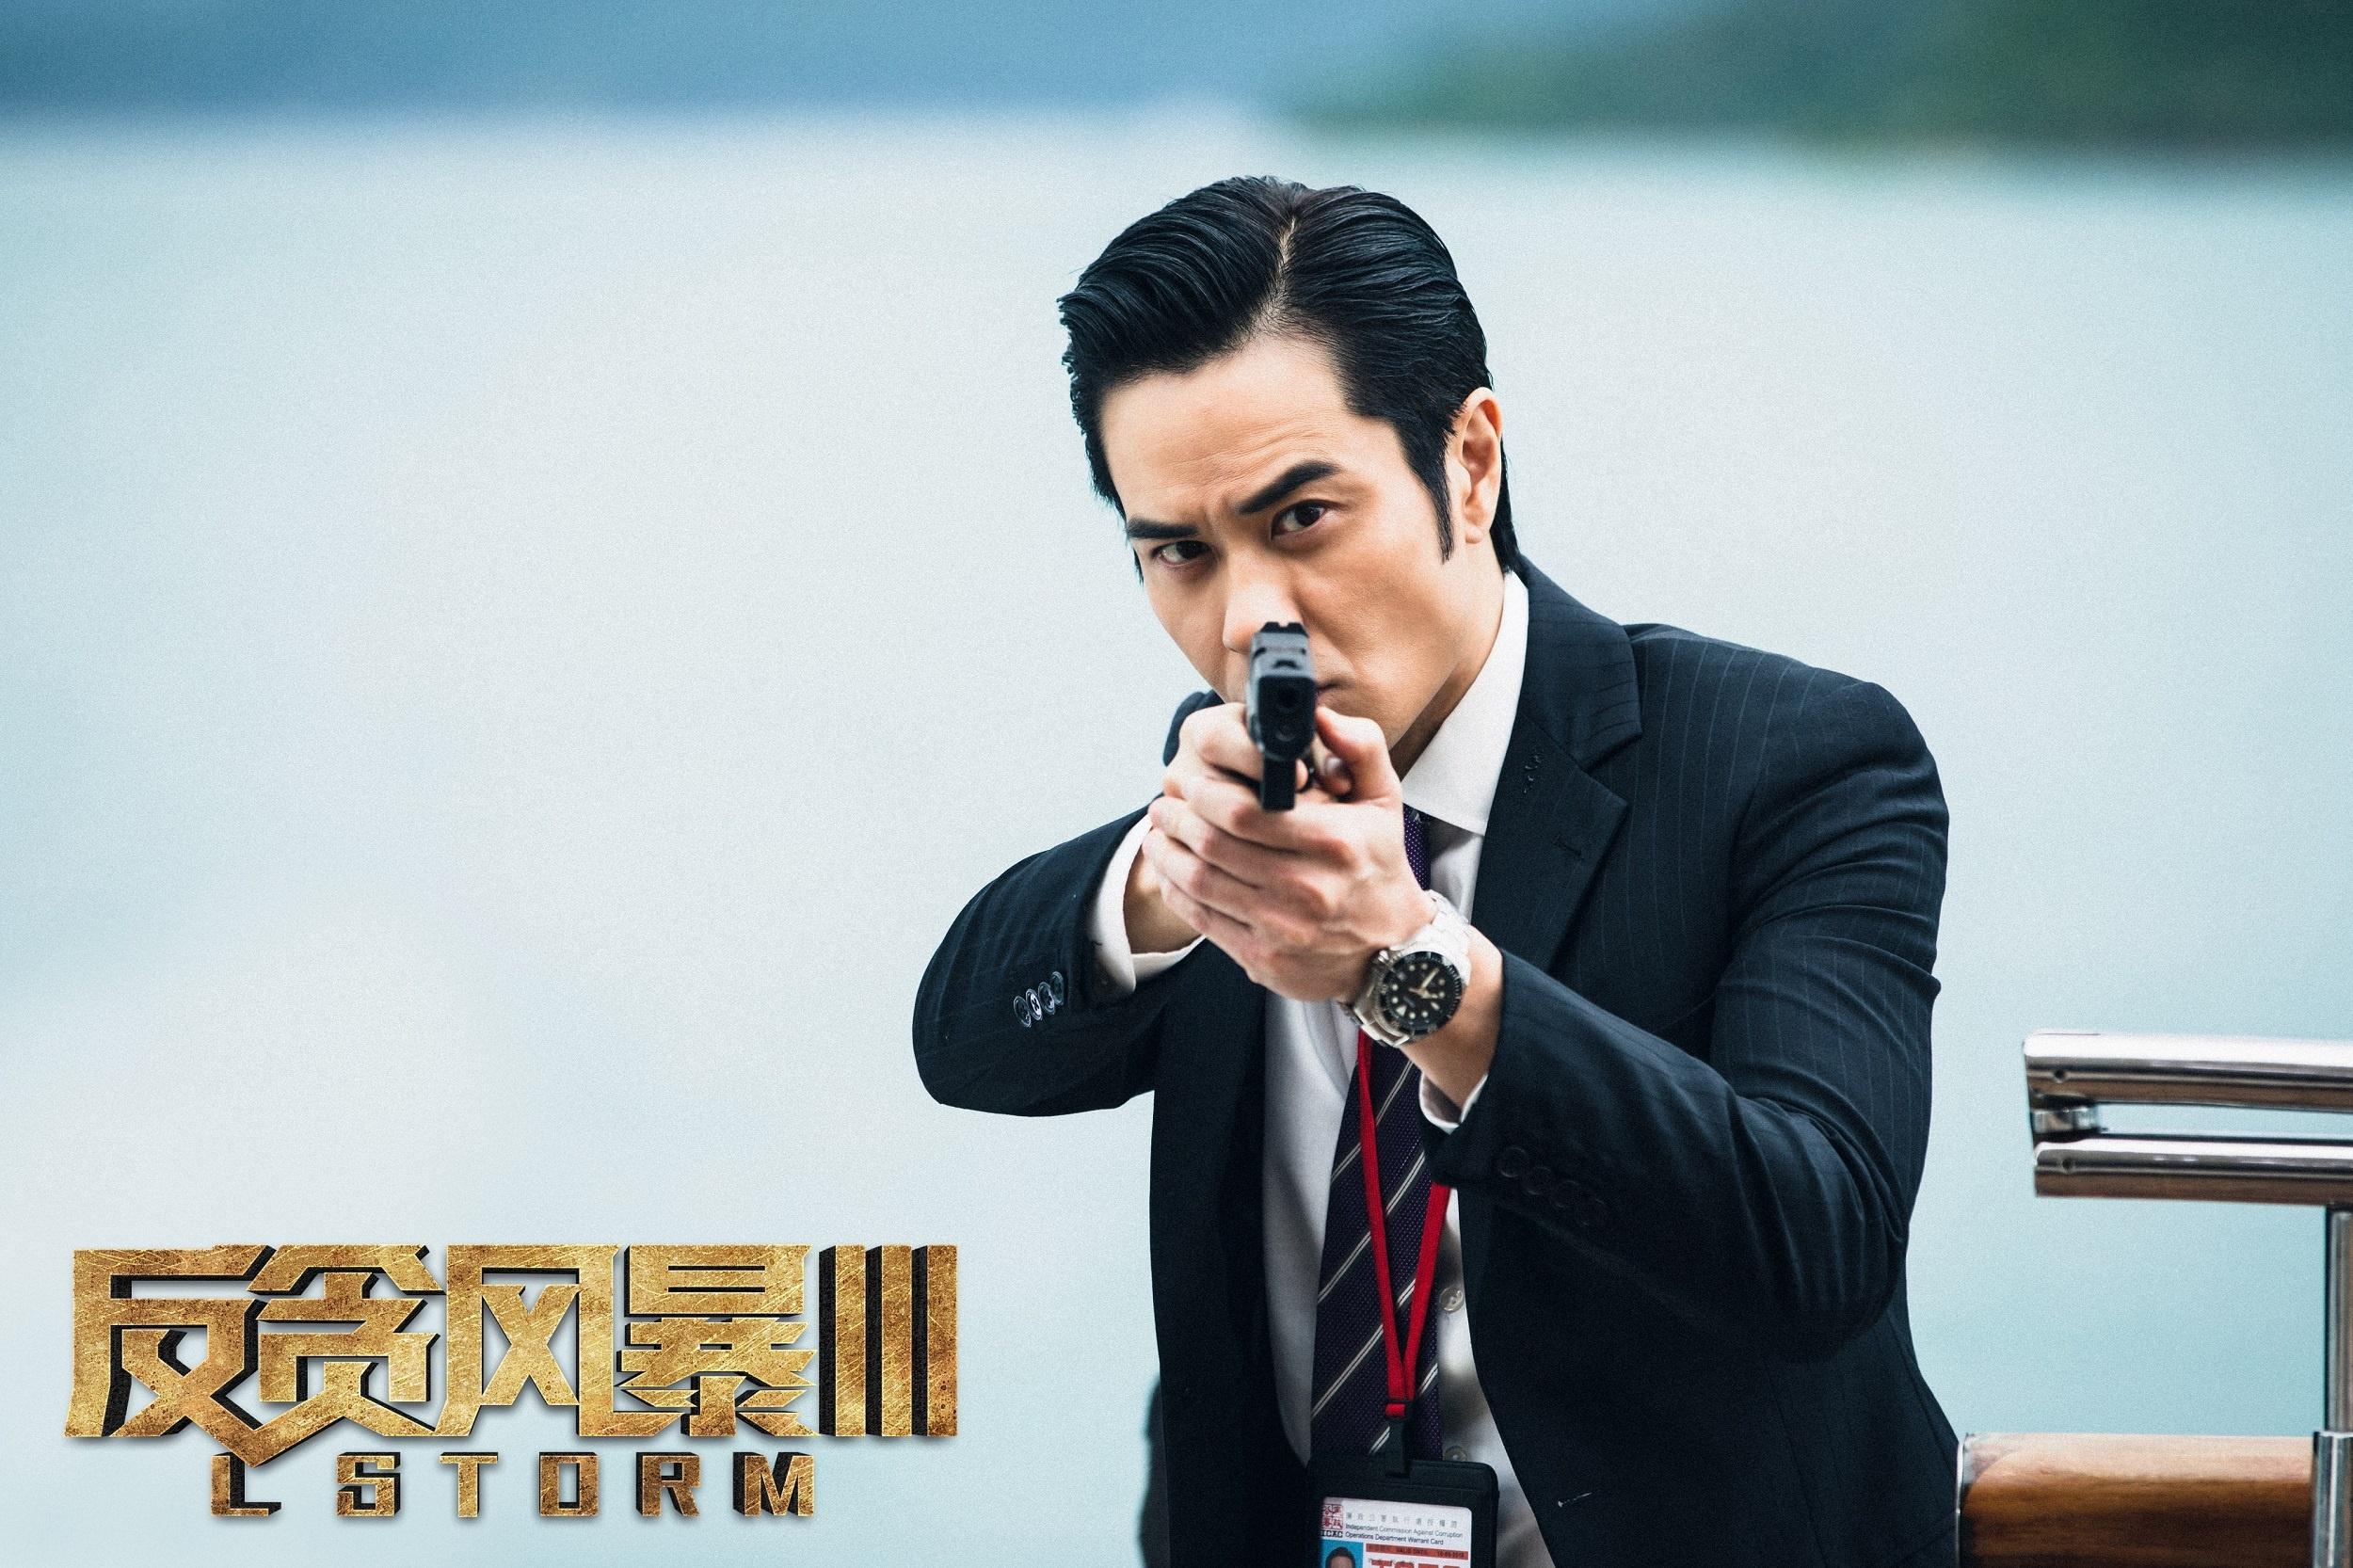 反贪风暴3_电影剧照_图集_电影网_1905.com